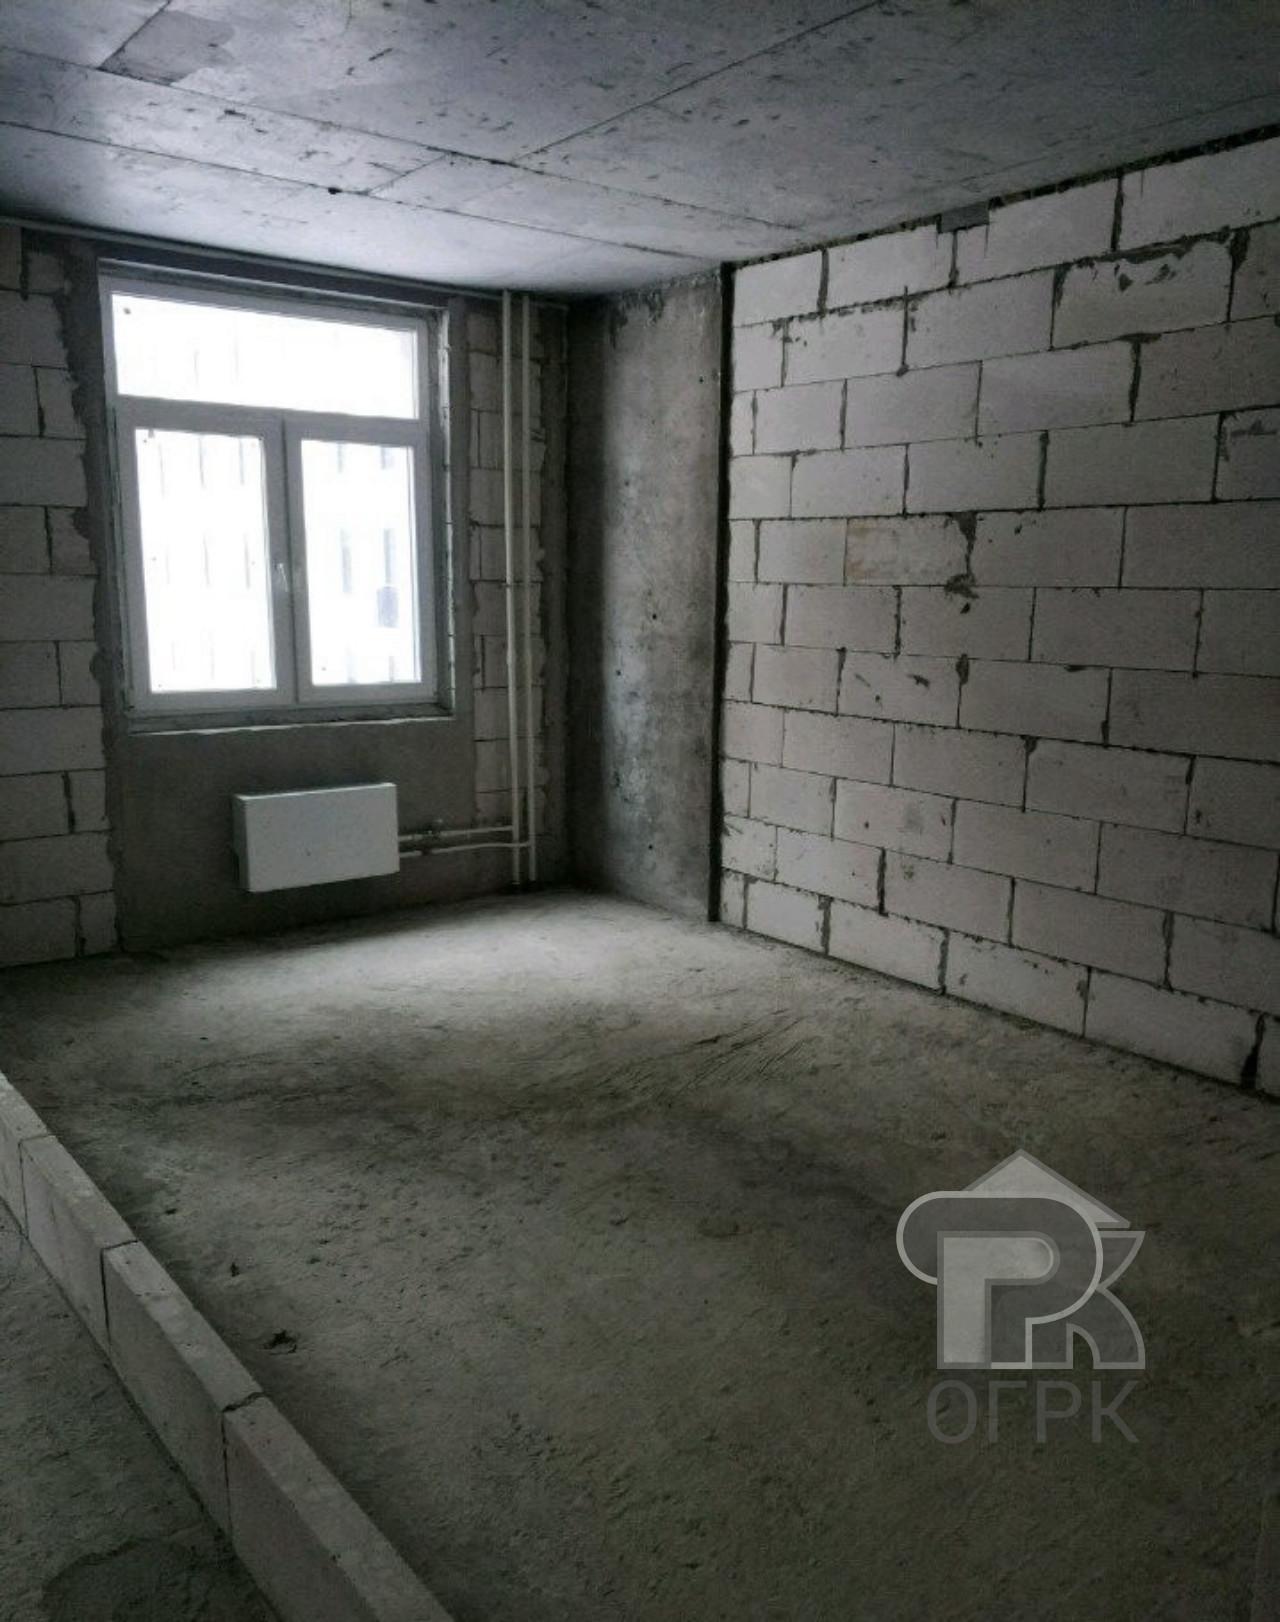 Купить 3-комнатную квартиру, город Котельники, Котельники, ул. Сосновая, к.3, №305291